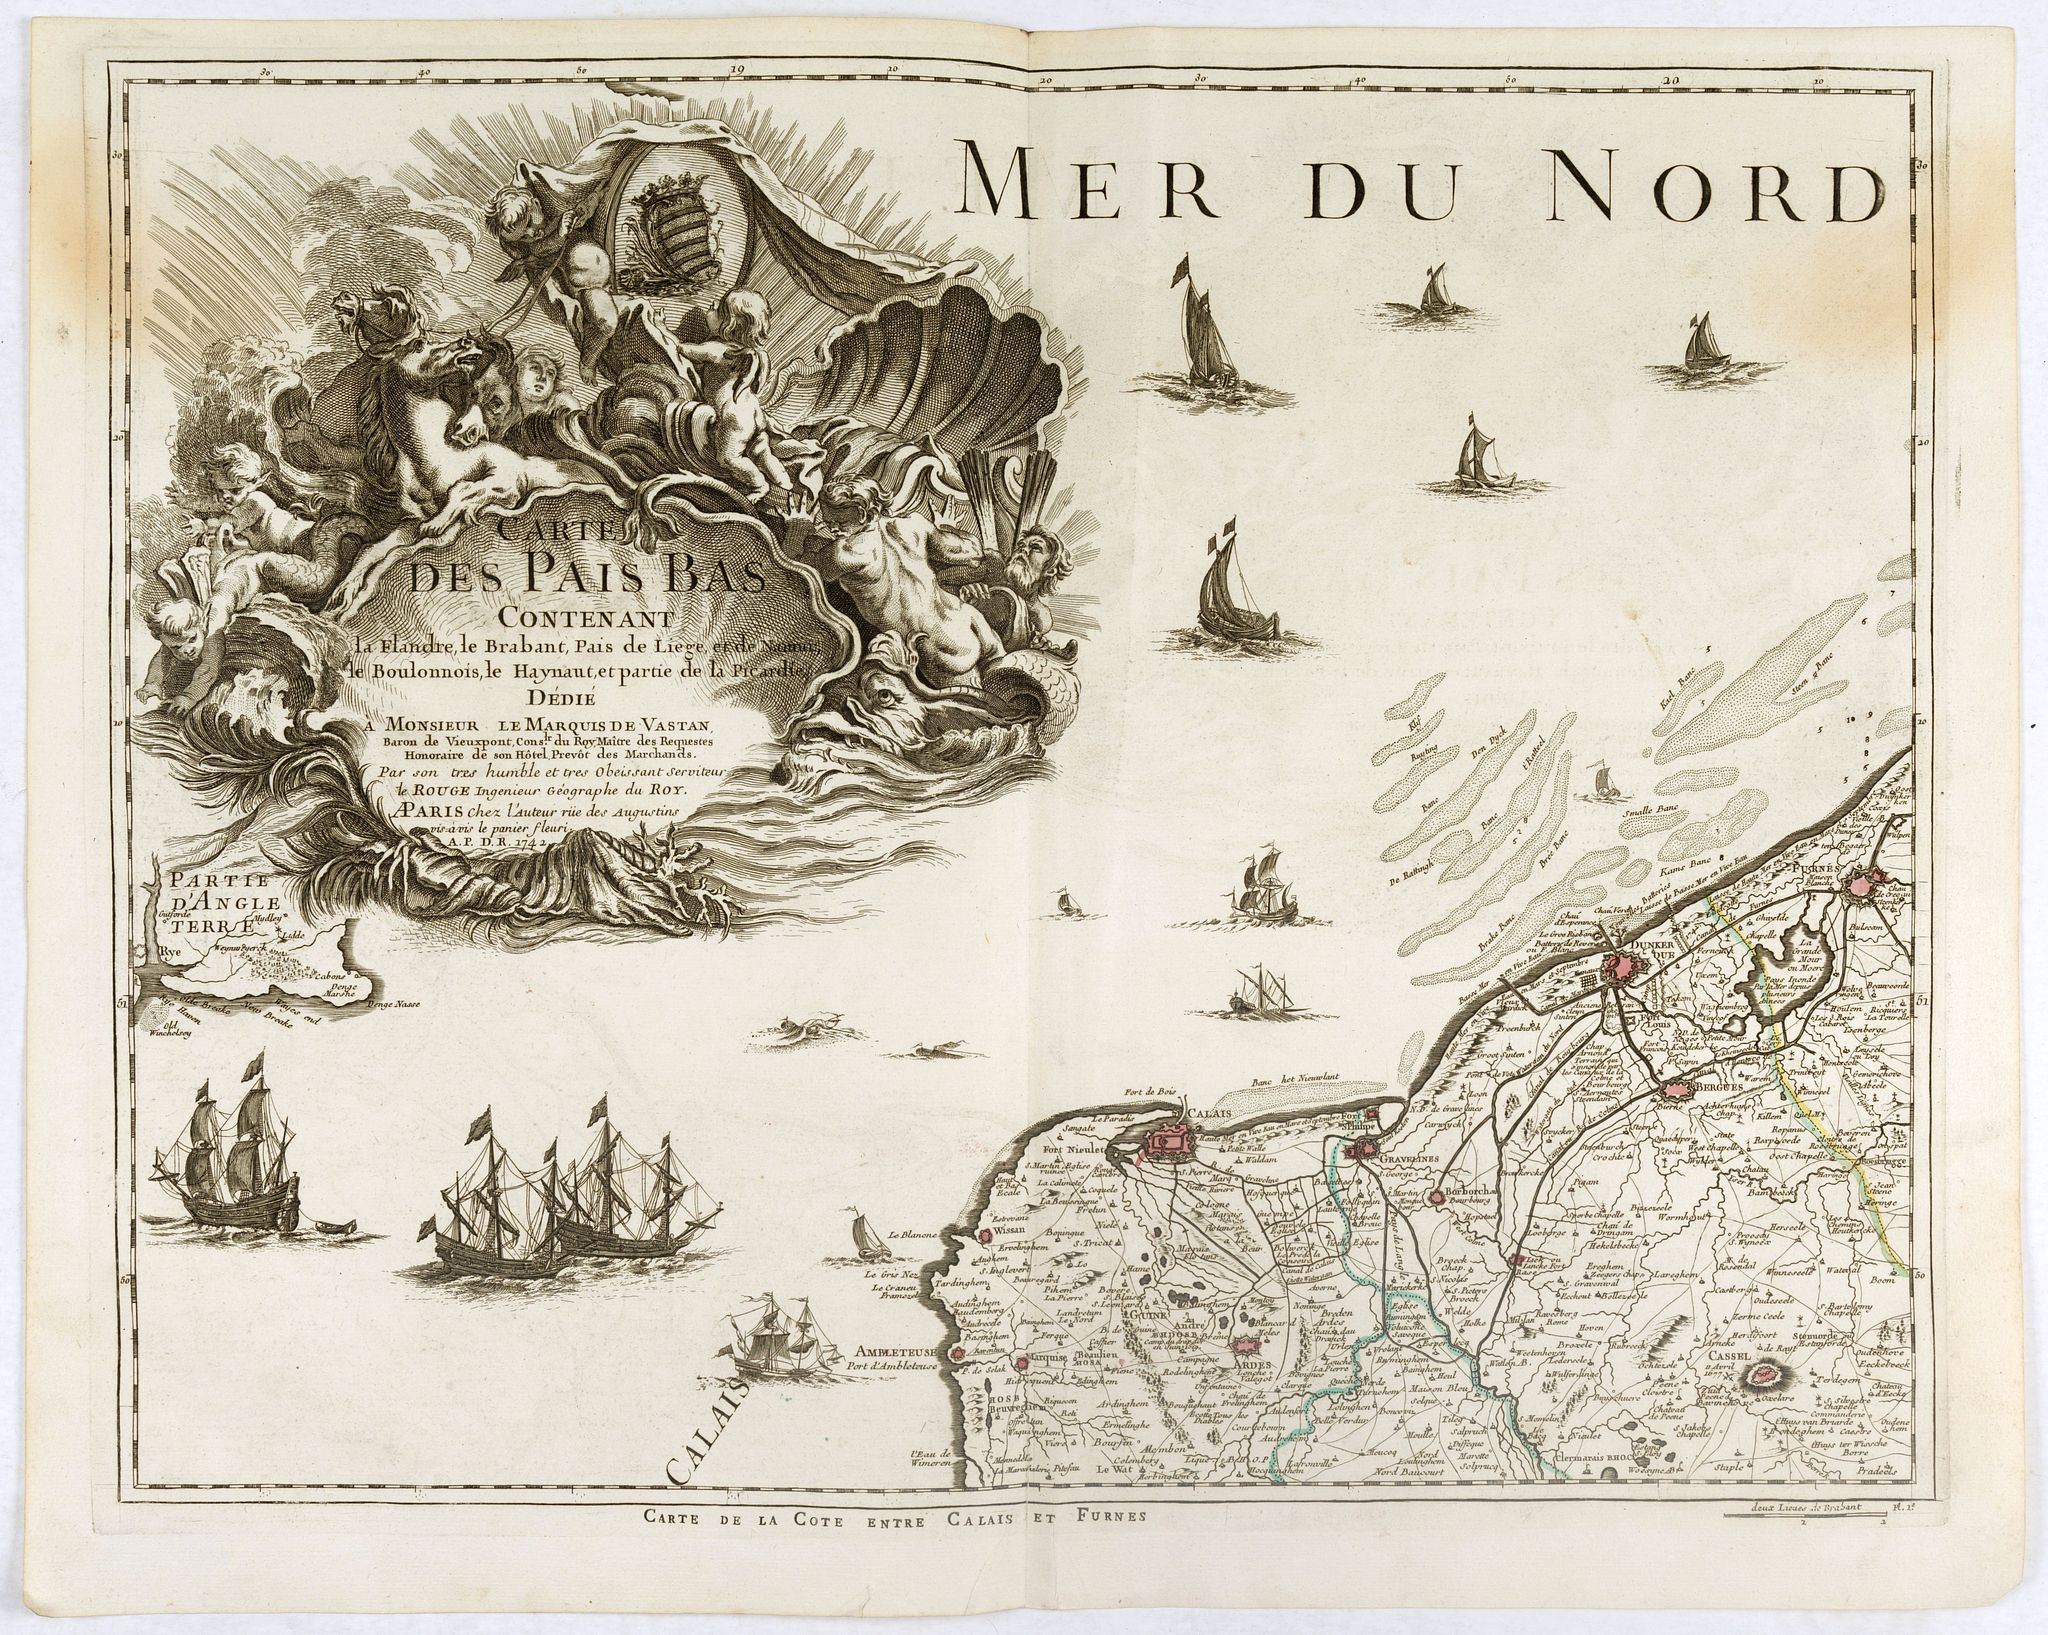 LE ROUGE, G.L. -  Carte des Pais Bas contenant la Flandre, le Brabant, Pais de Liege. . .